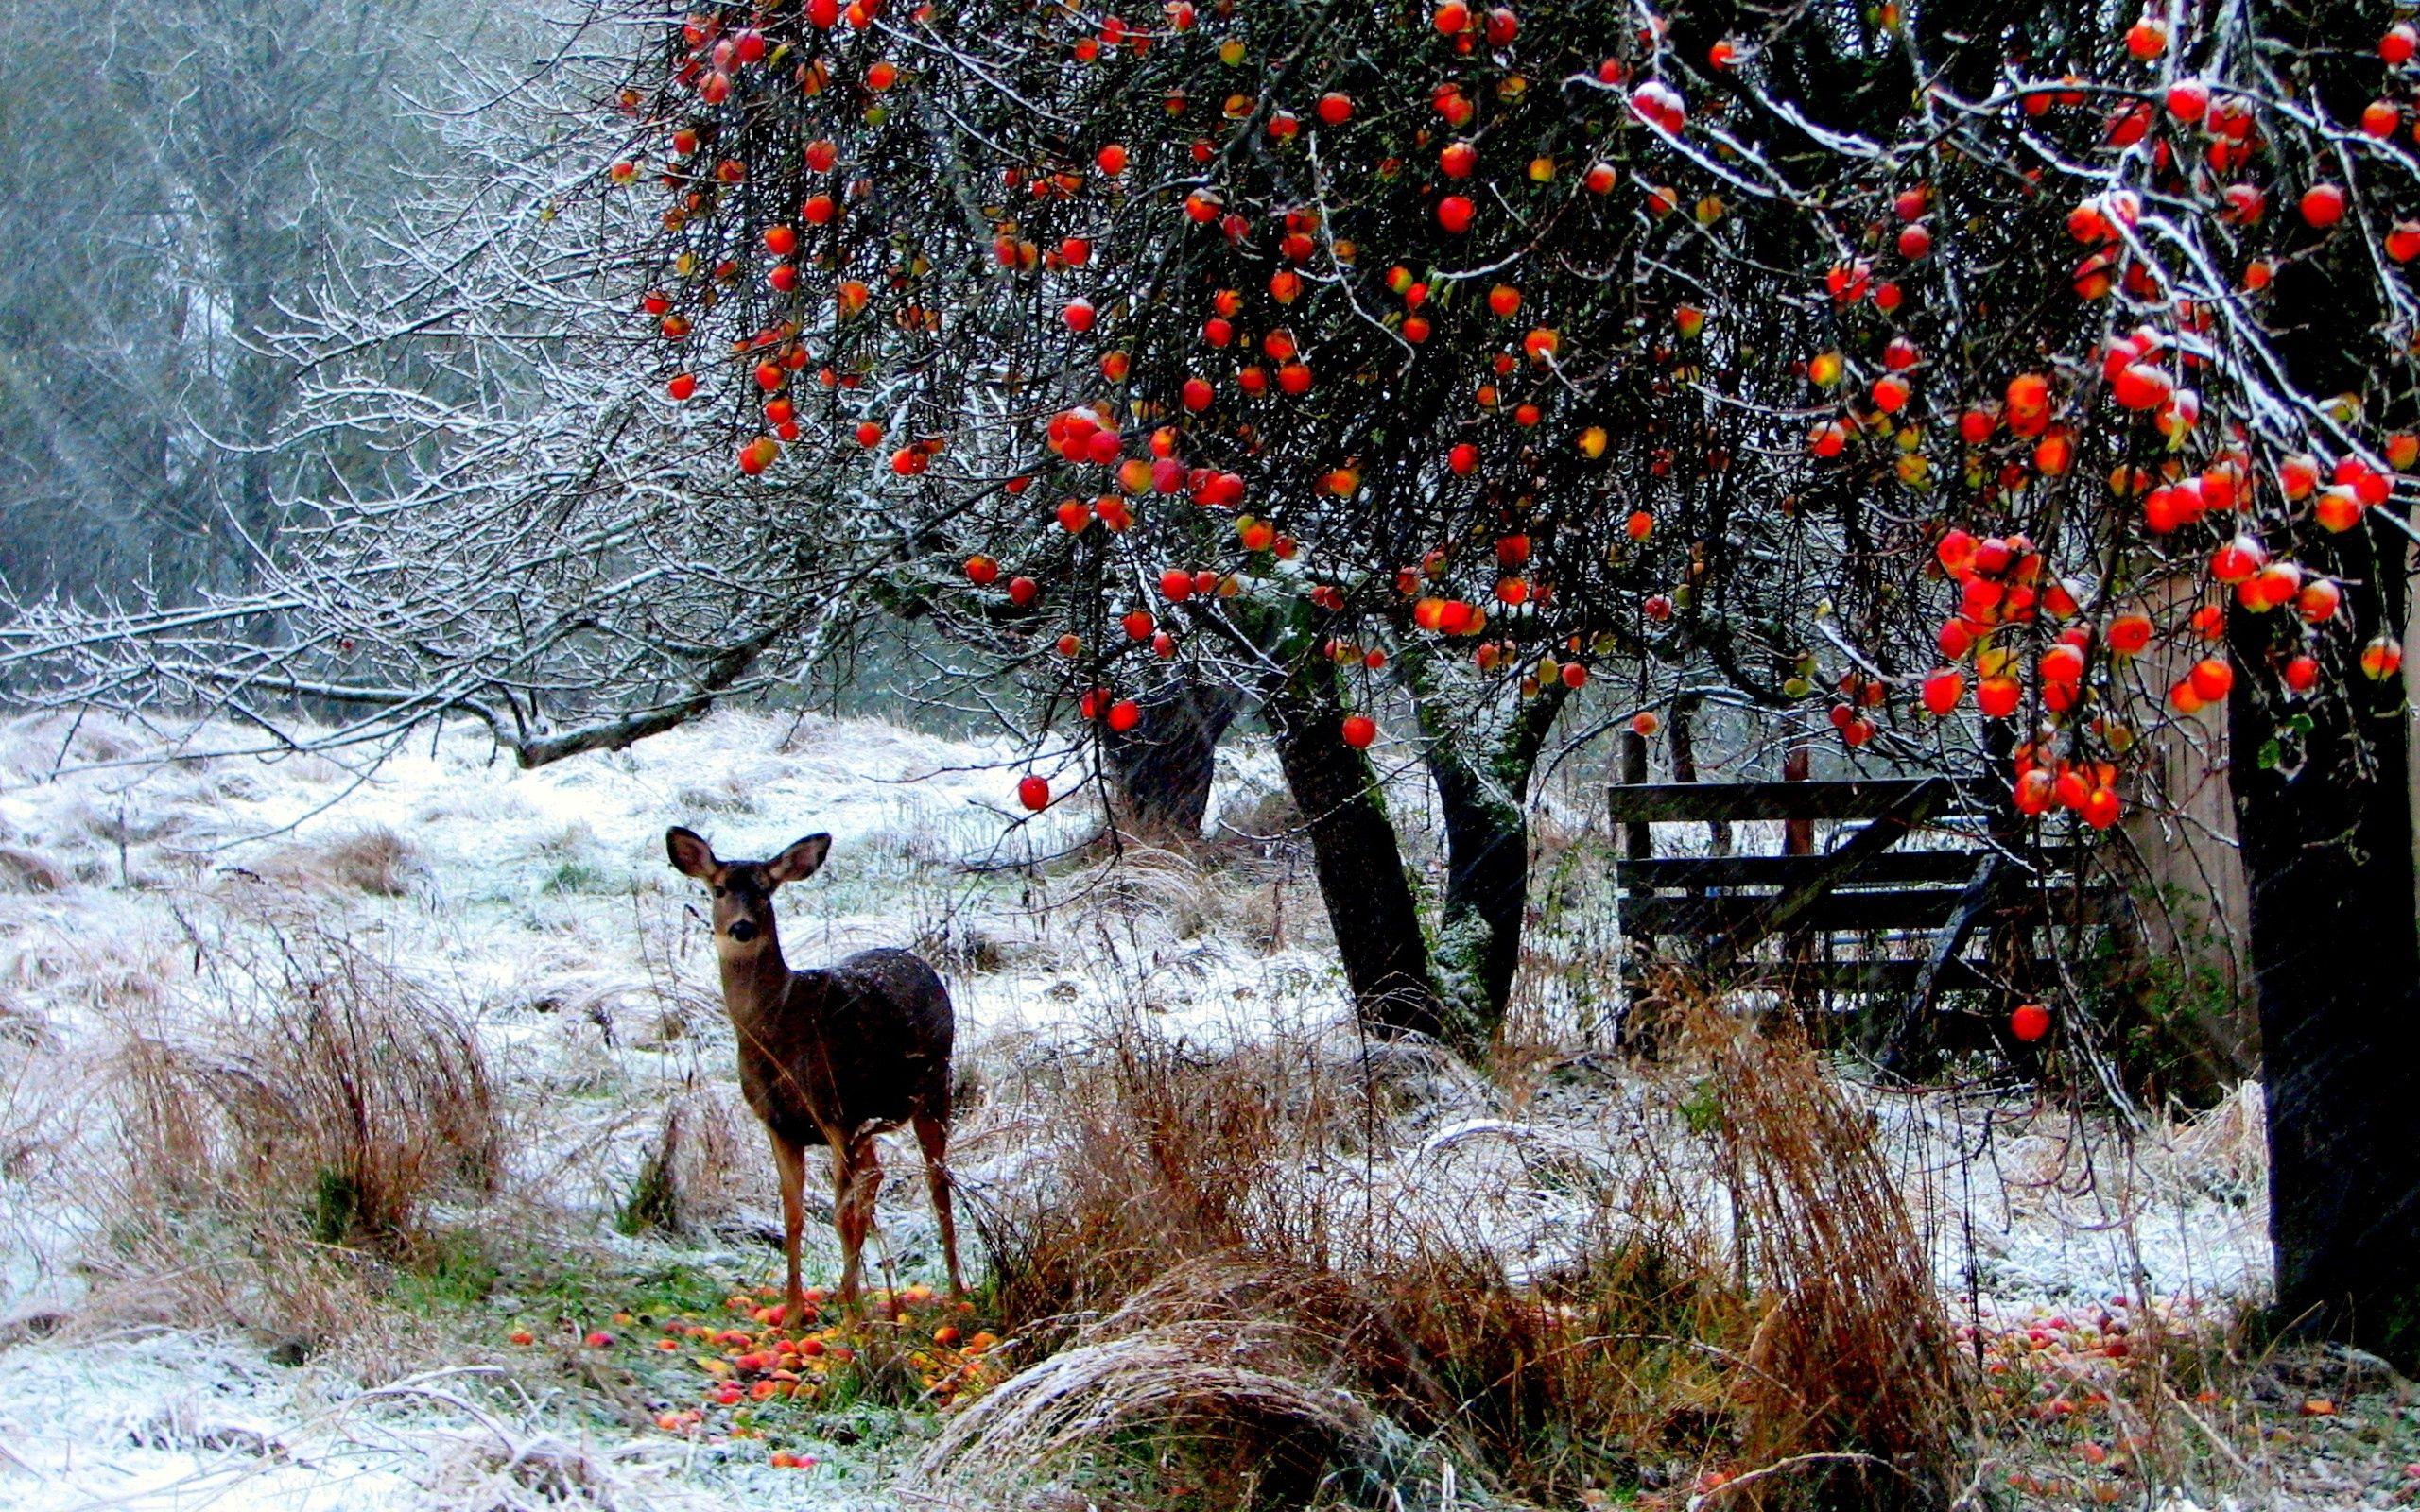 126949 Hintergrundbild herunterladen Schnee, Tiere, Winterreifen, Bäume, Wald, Bummel, Spaziergang, Hirsch - Bildschirmschoner und Bilder kostenlos